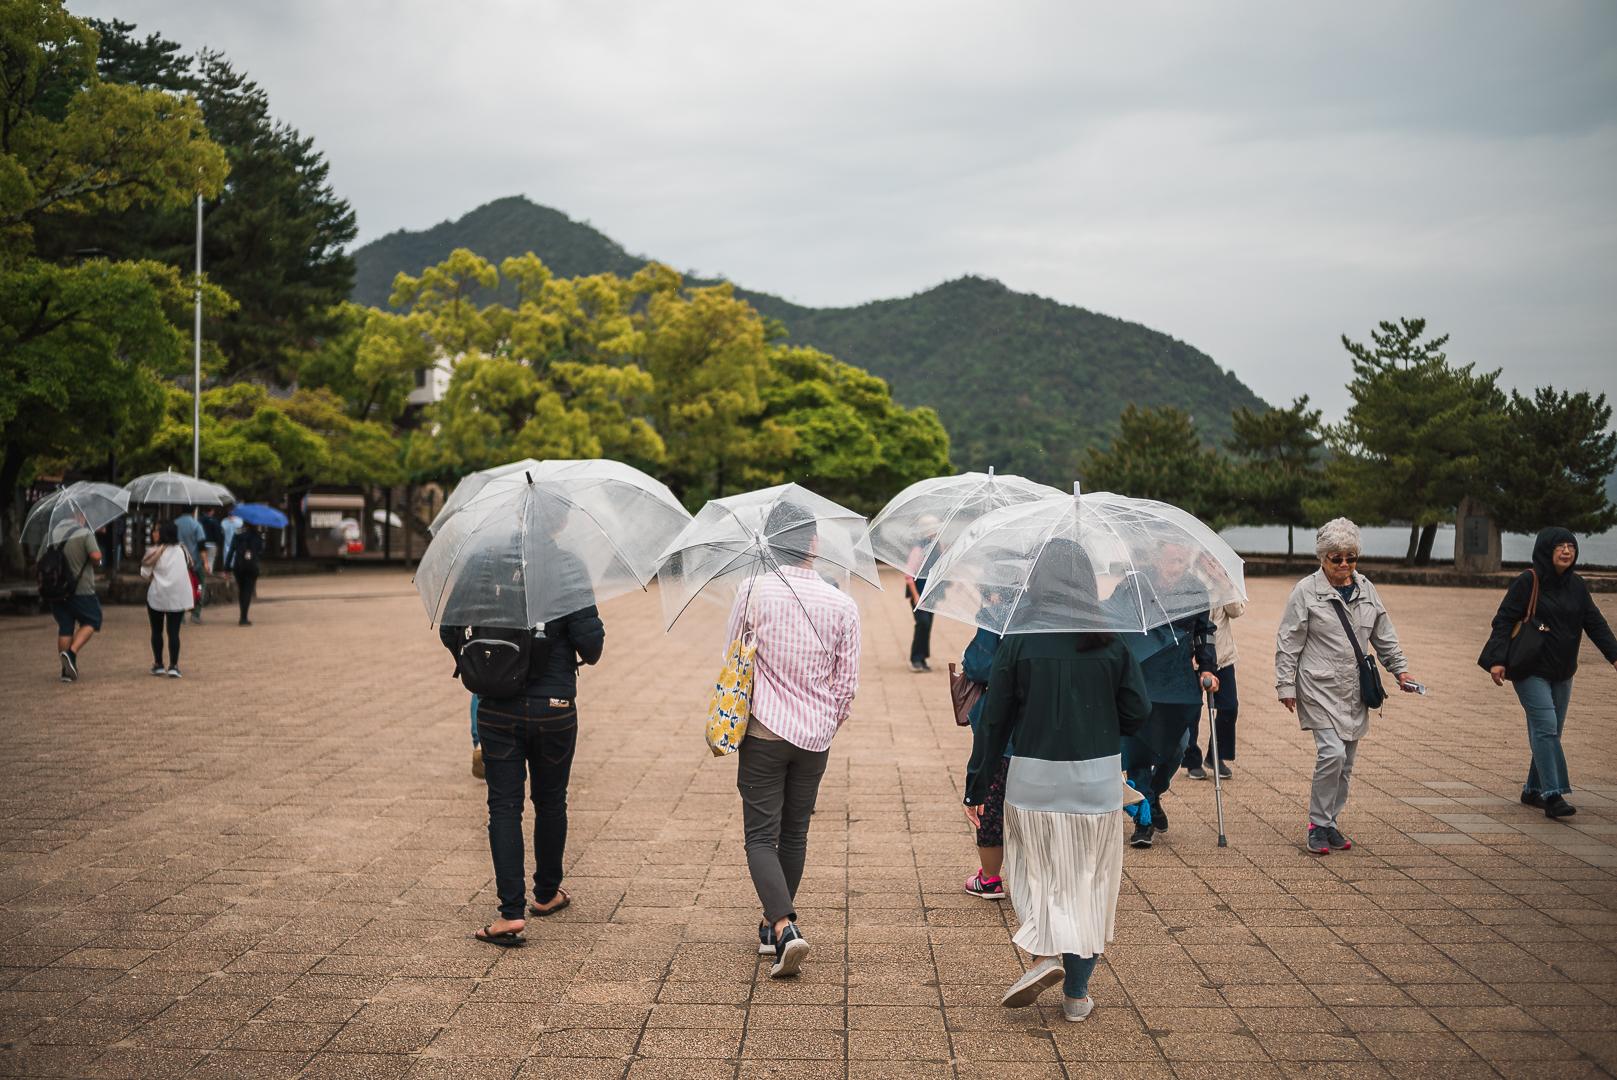 edwardchang-Hiroshima-3.jpg